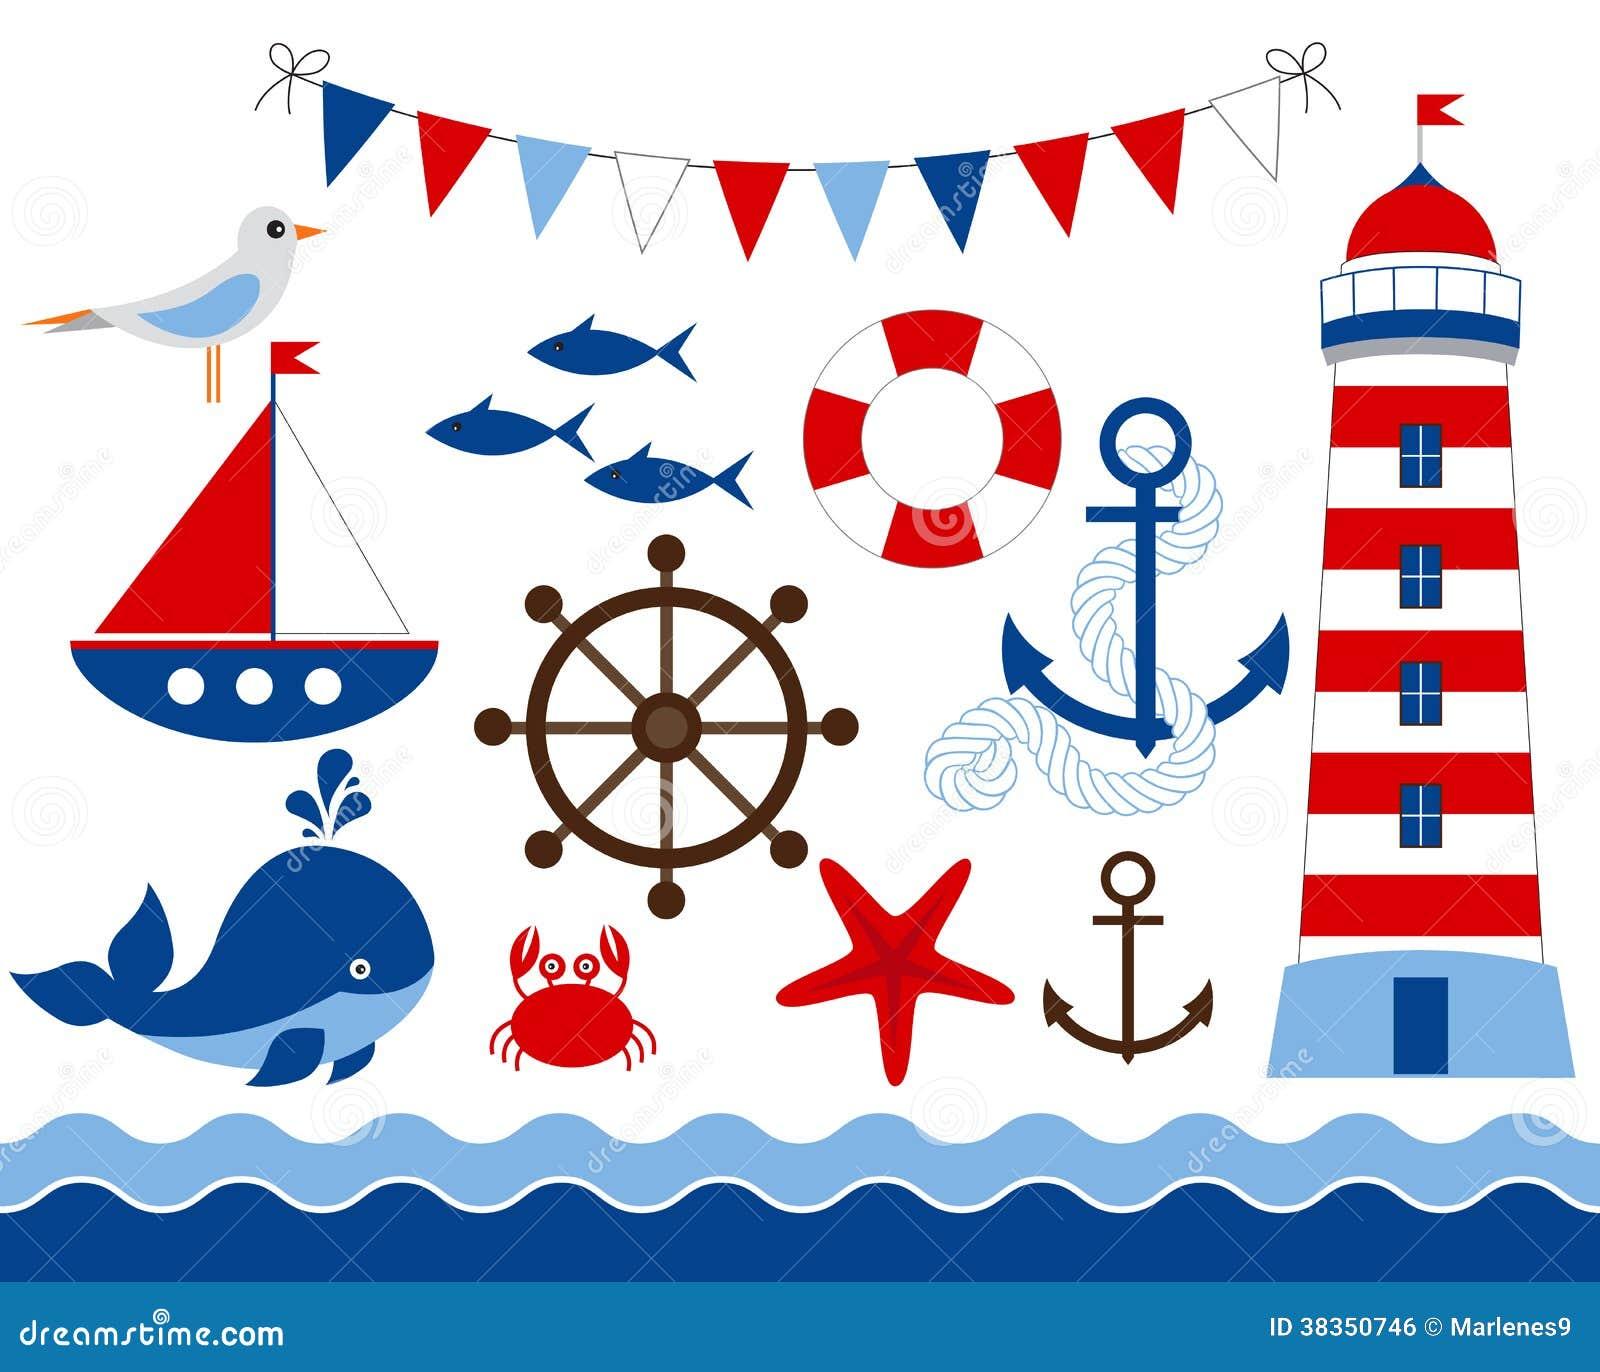 Морская тематика рисованные картинки